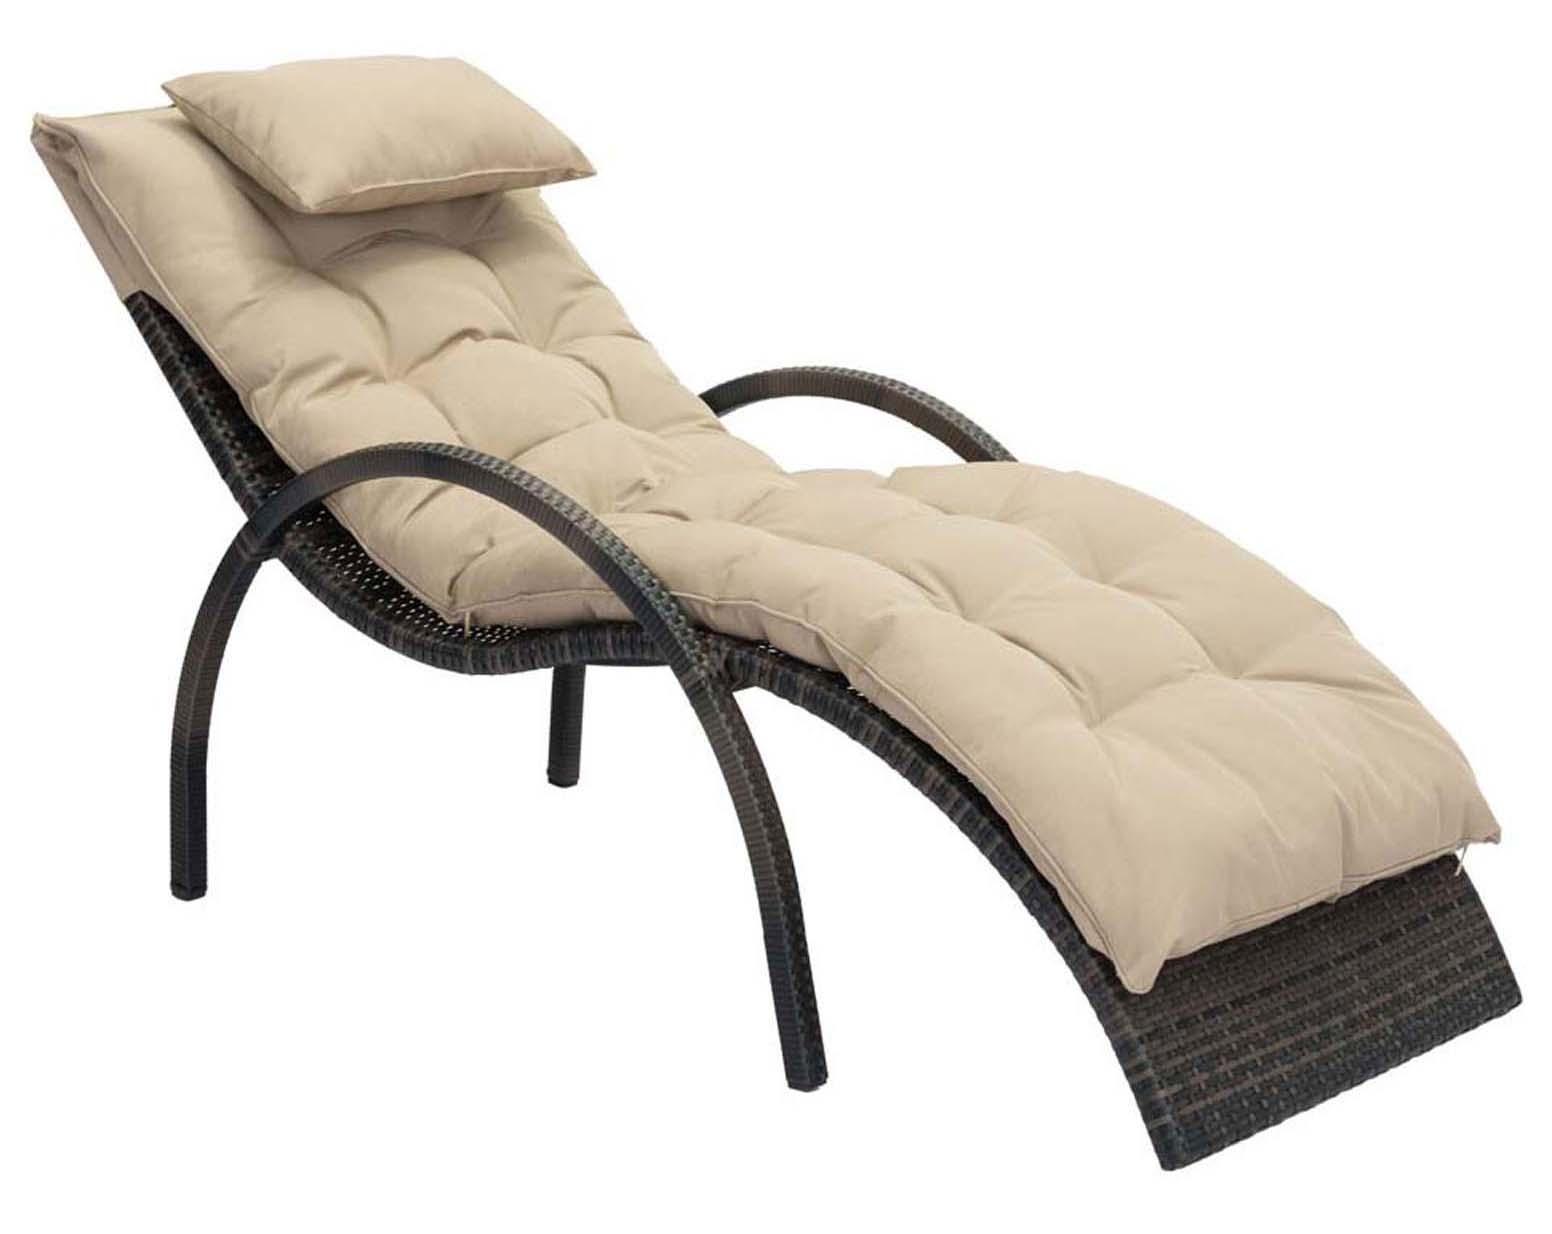 eggertz beach chaise lounge brown beige